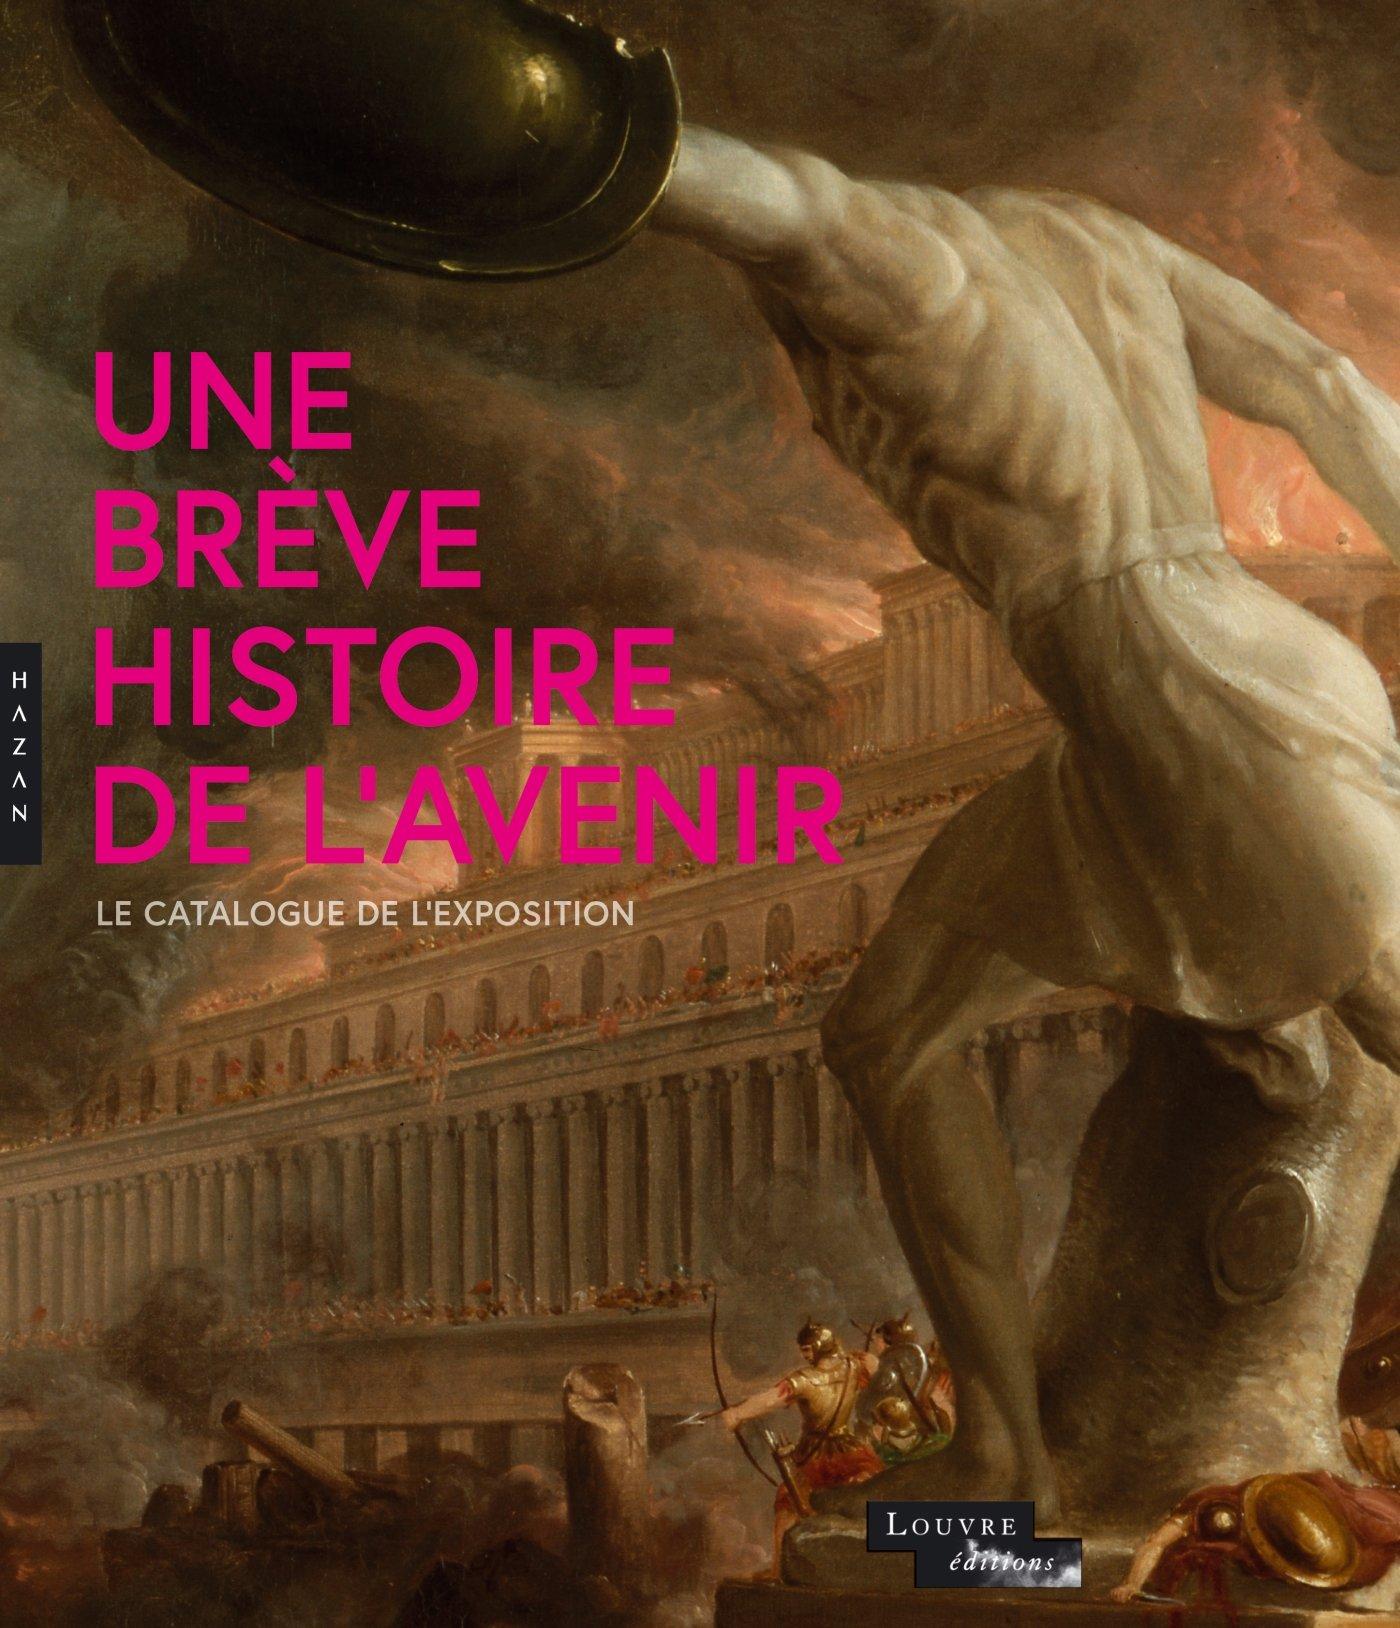 UNE BRÈVE HISTOIRE DE L'AVENIR: Dominique De; Jean De Loisy Font-Reaulx  (Font-Réaulx) : 9782754108539: Amazon.com: Books